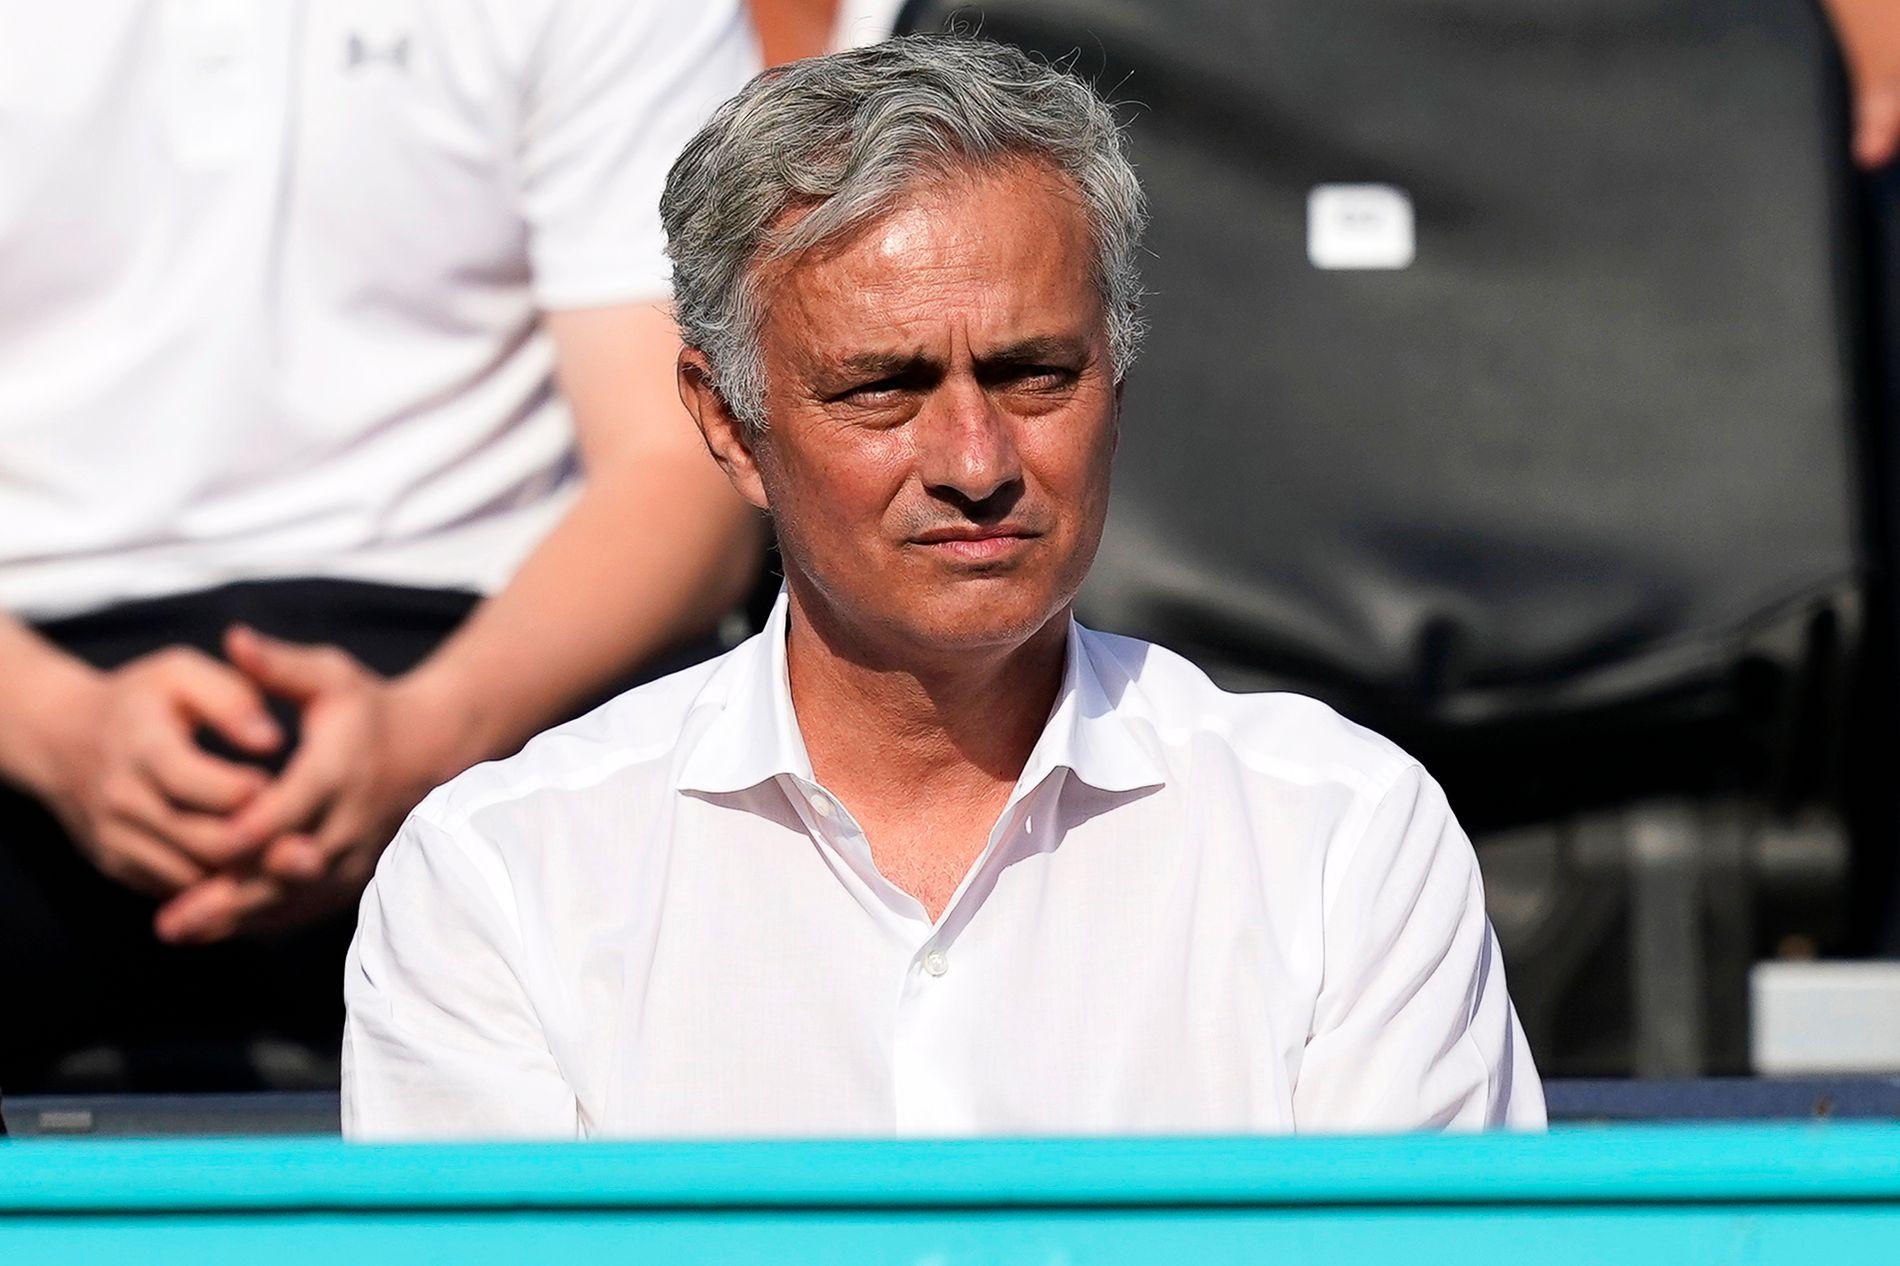 EKSPERT: José Mourinho har gått inn i rollen som ekspert for Sky Sports.